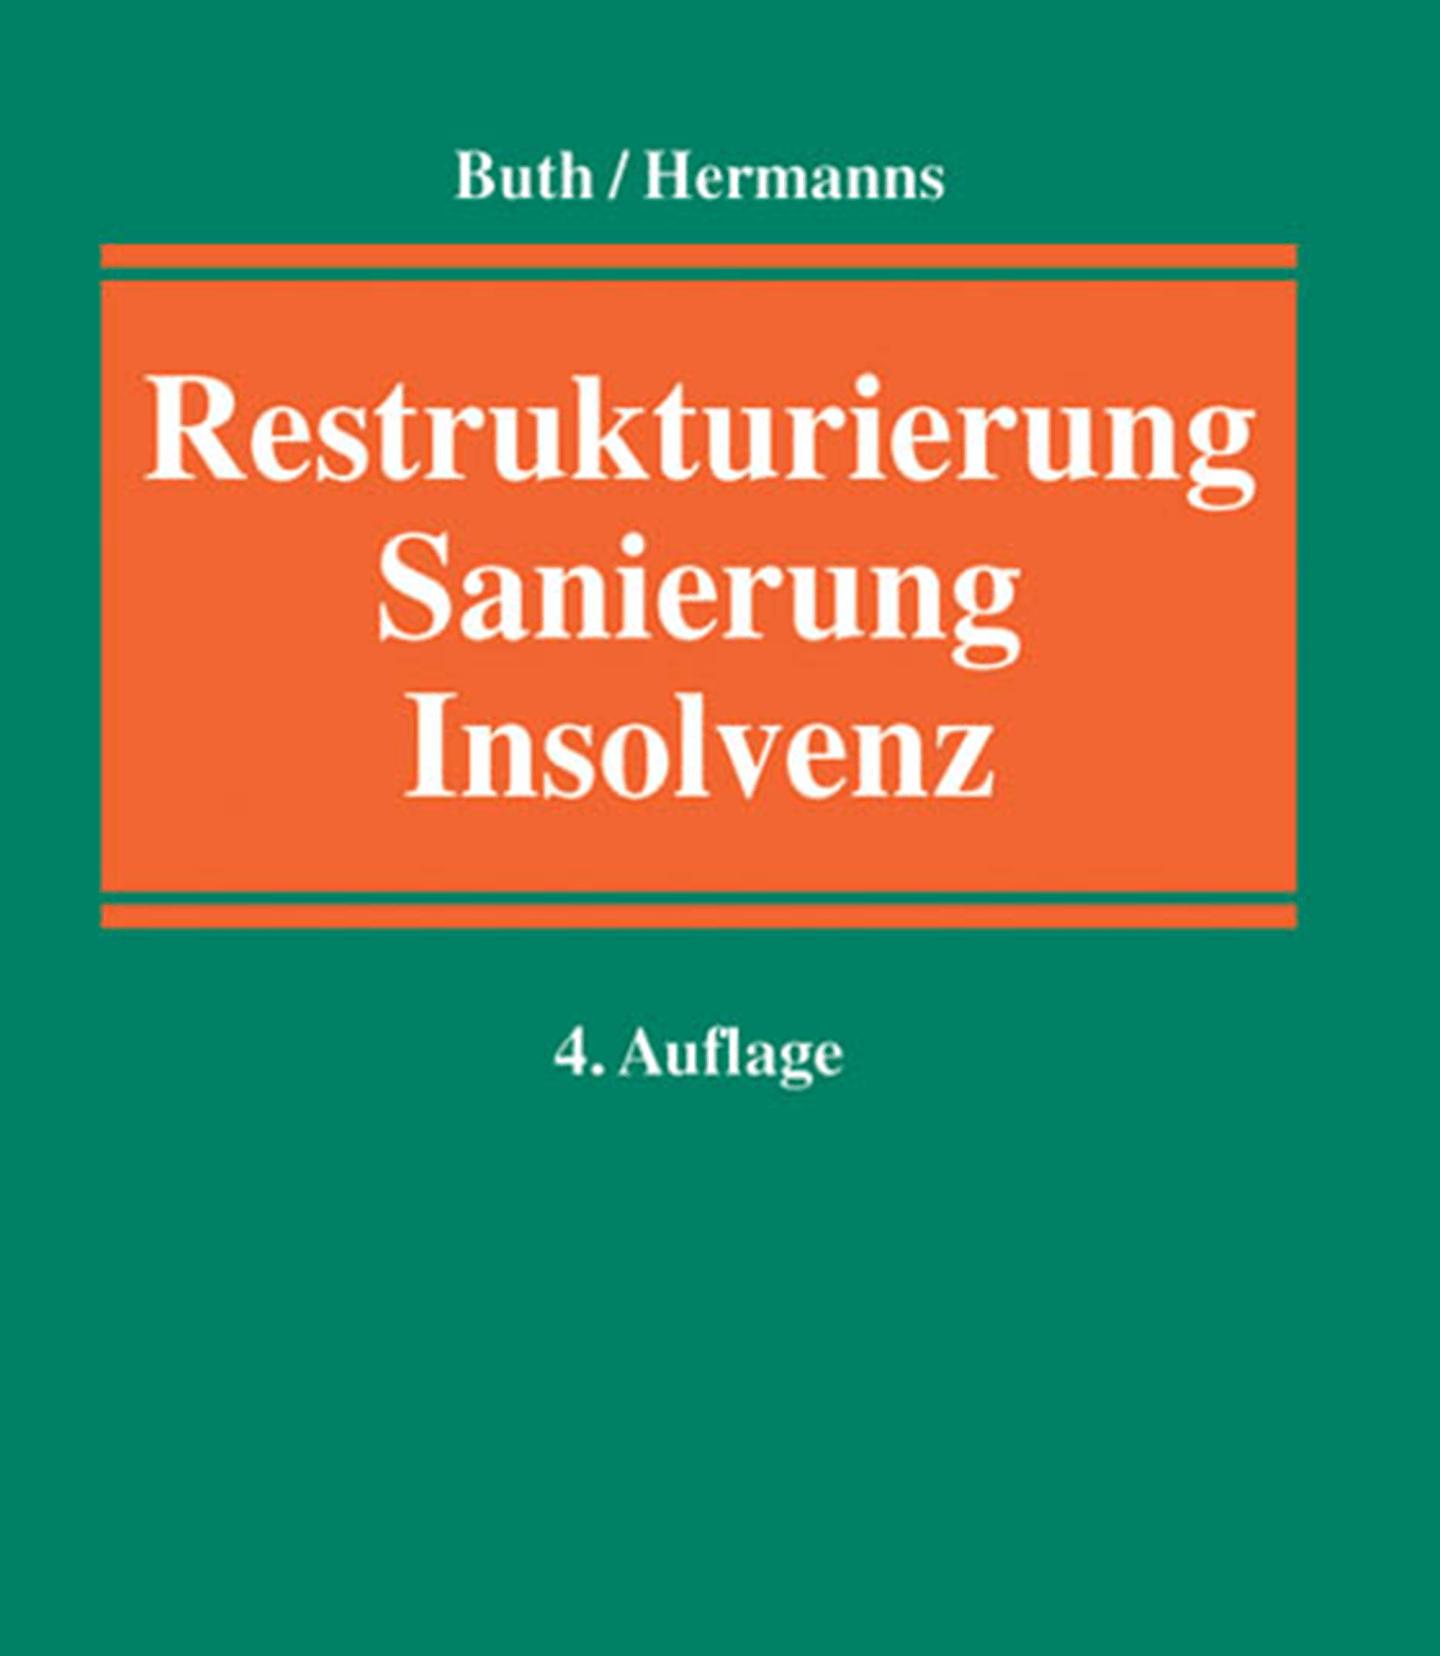 Buchcover Restrukturierung, Sanierung, Insolvenz